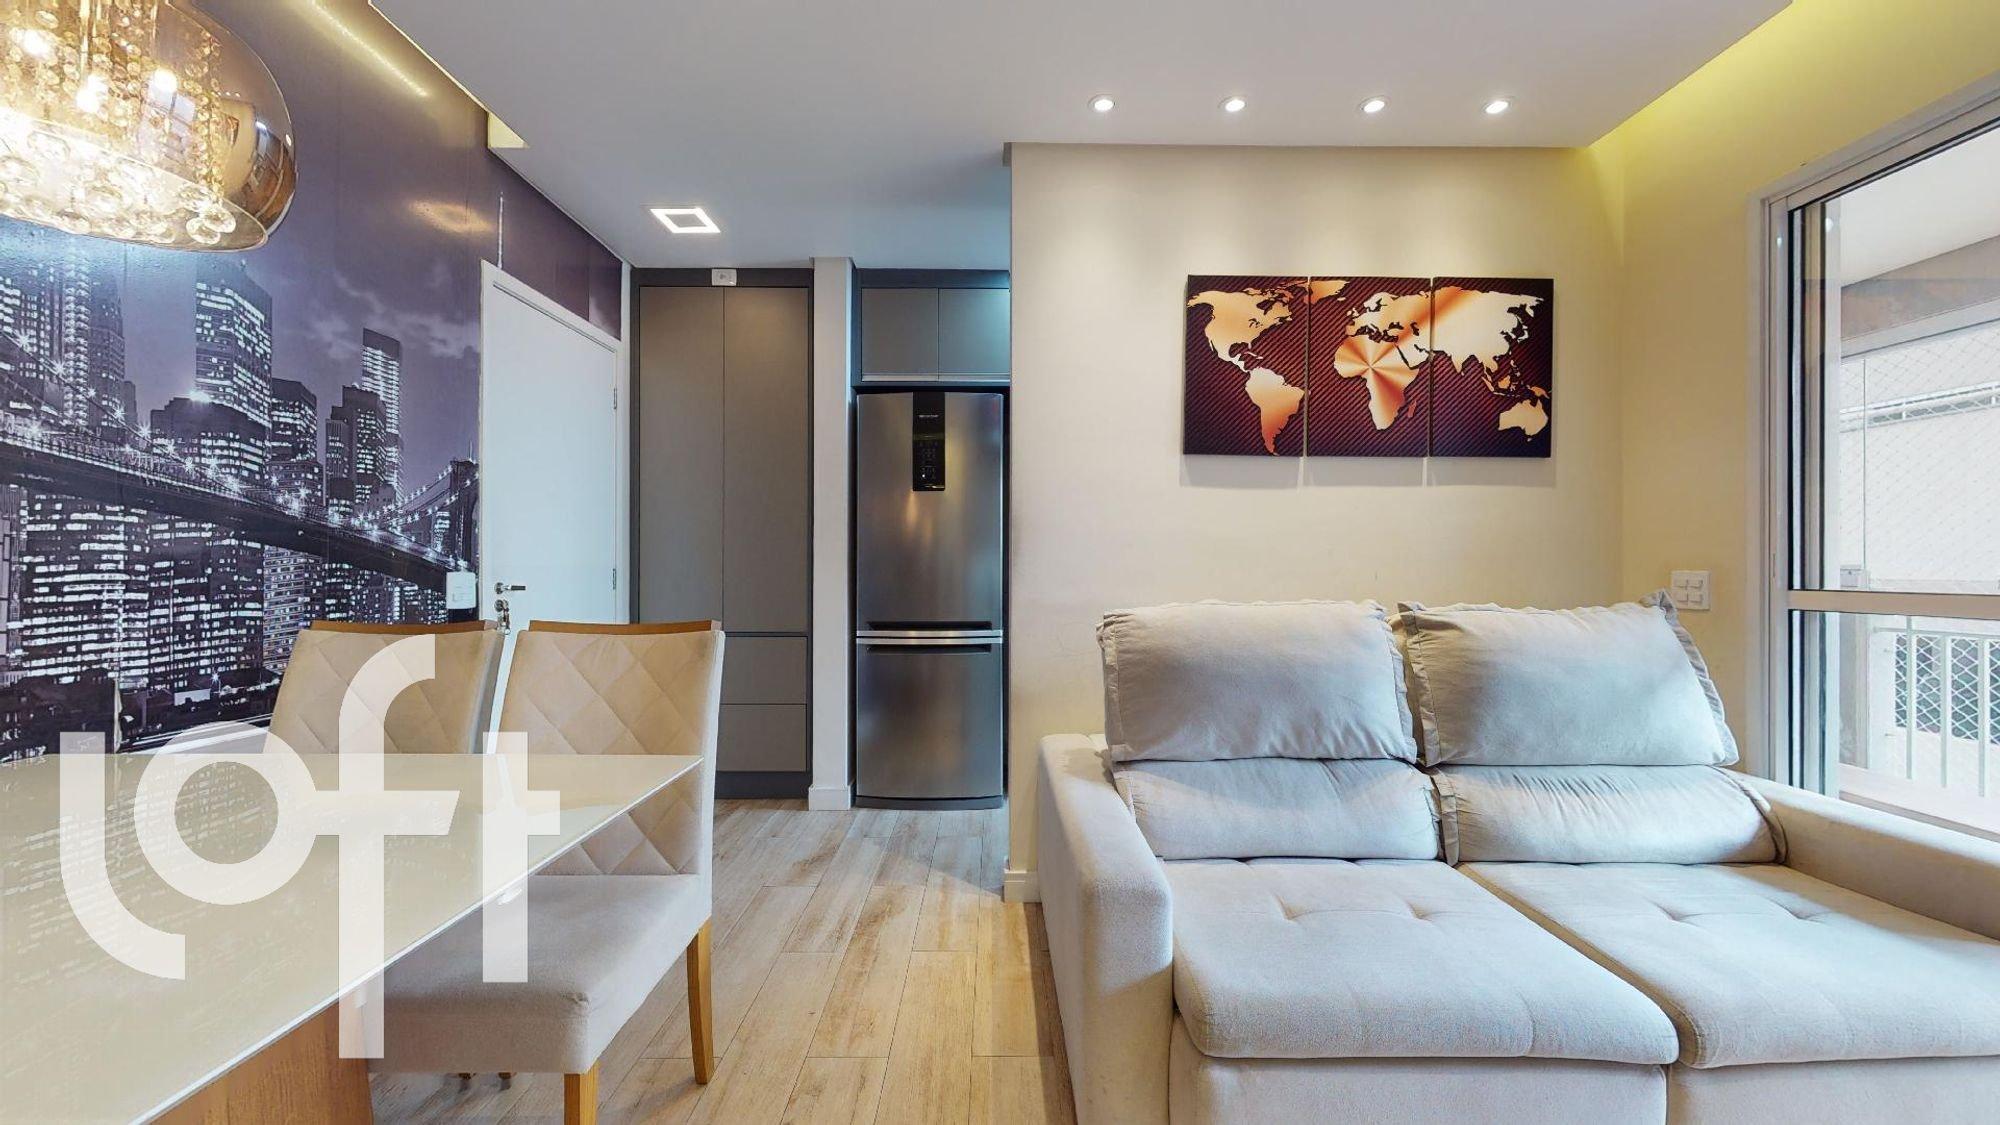 Foto de Sala com sofá, geladeira